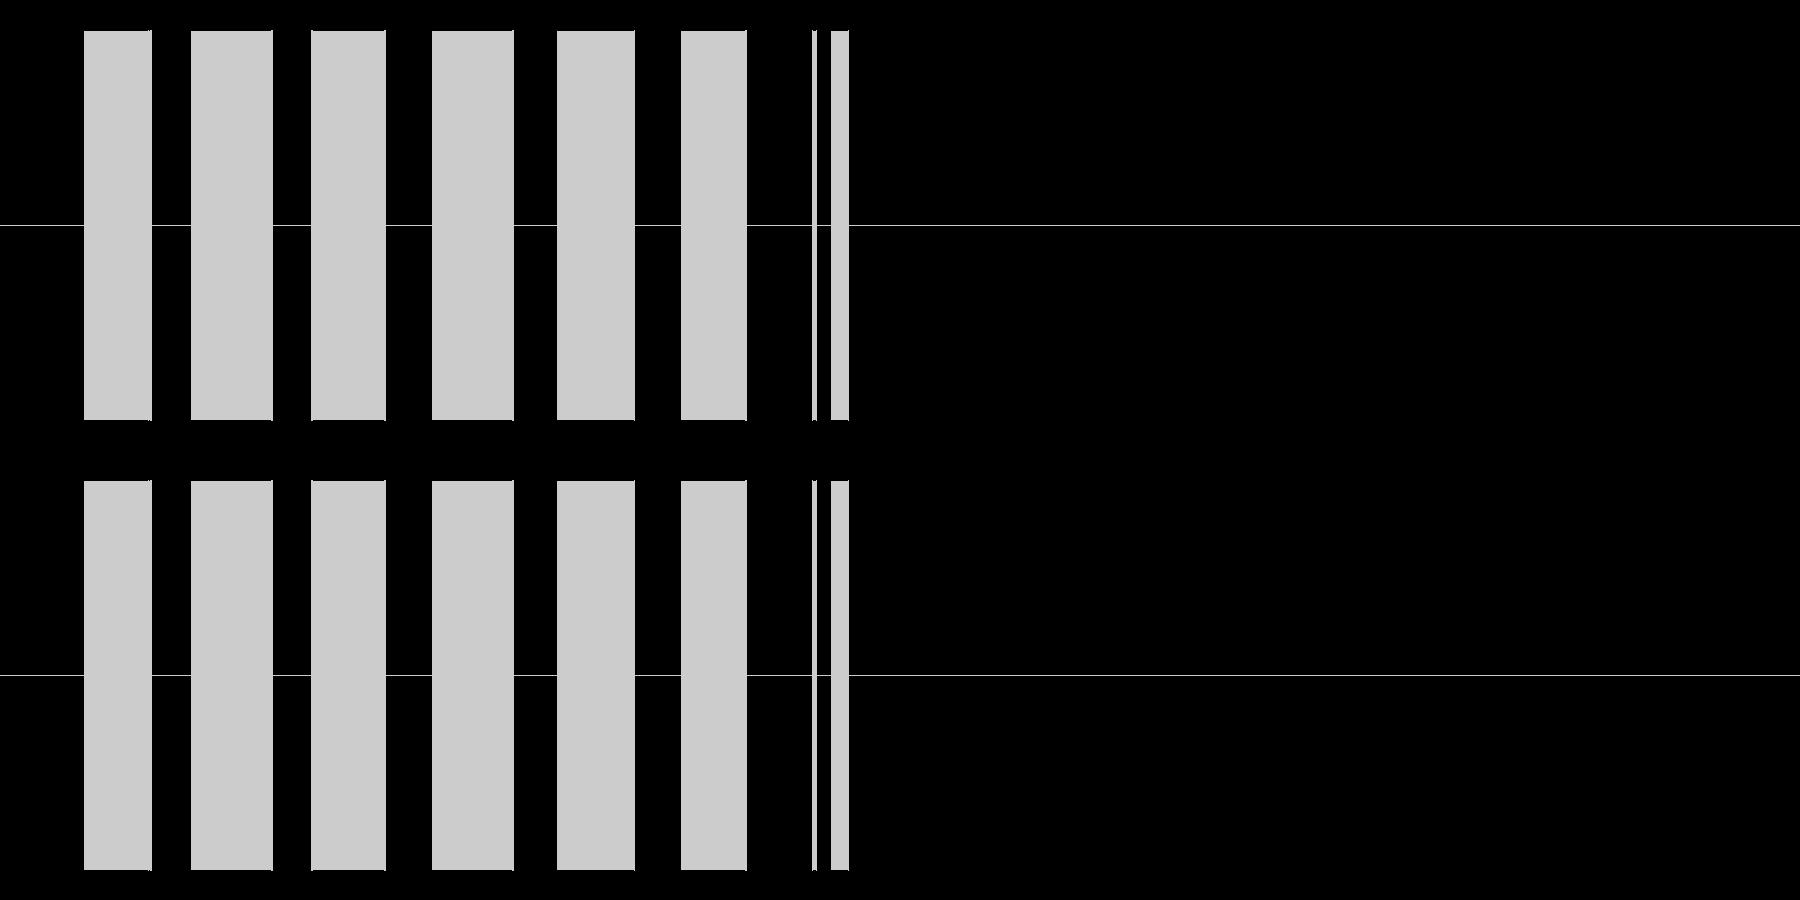 粗い電子音(効果、ロゴ等)の未再生の波形